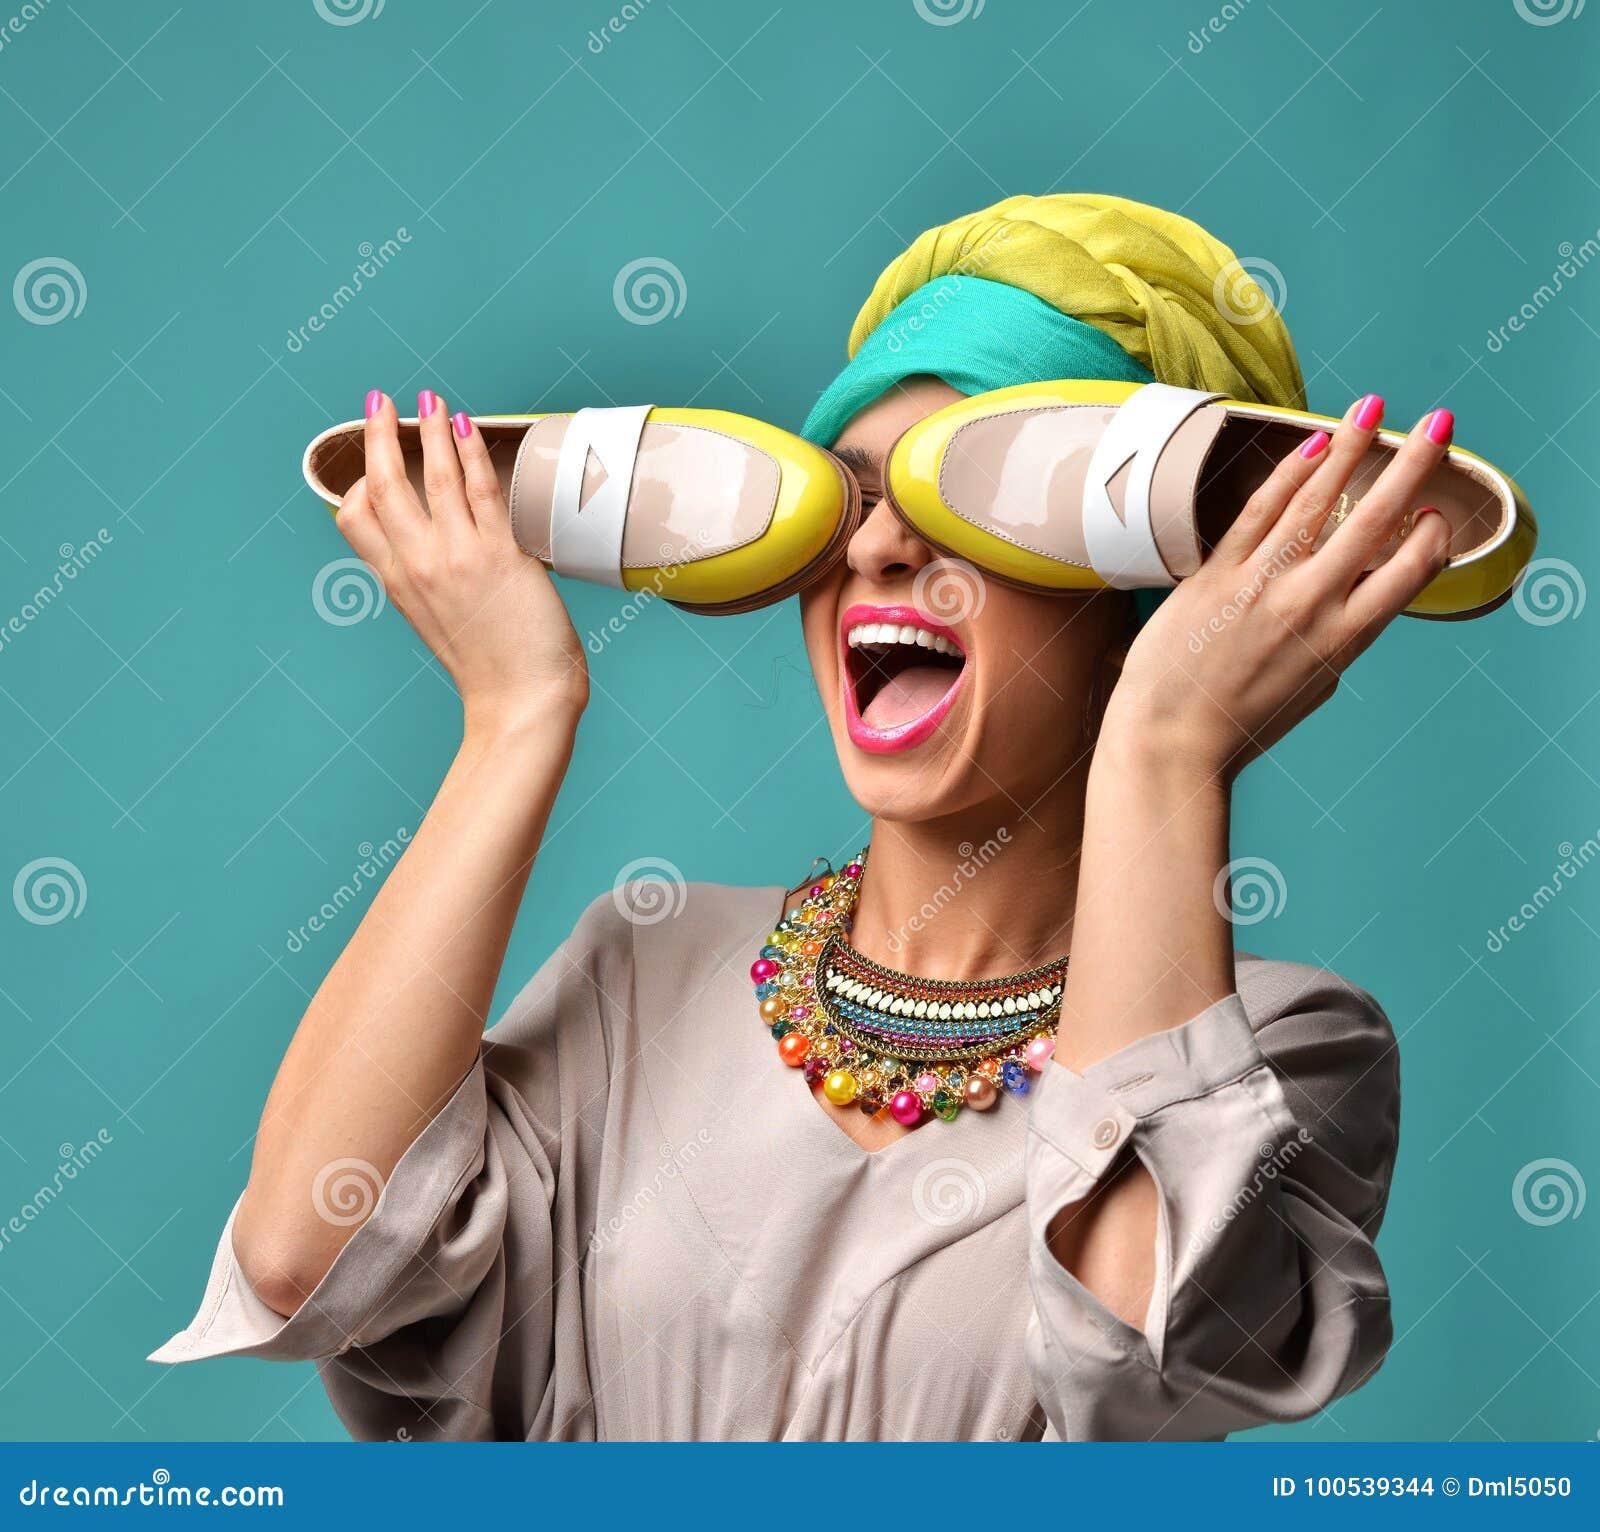 Wysokiej mody spojrzenia splendoru kędzierzawego włosy piękna Amerykańska kobieta z błękita i żółtych butów zamkniętymi oczami